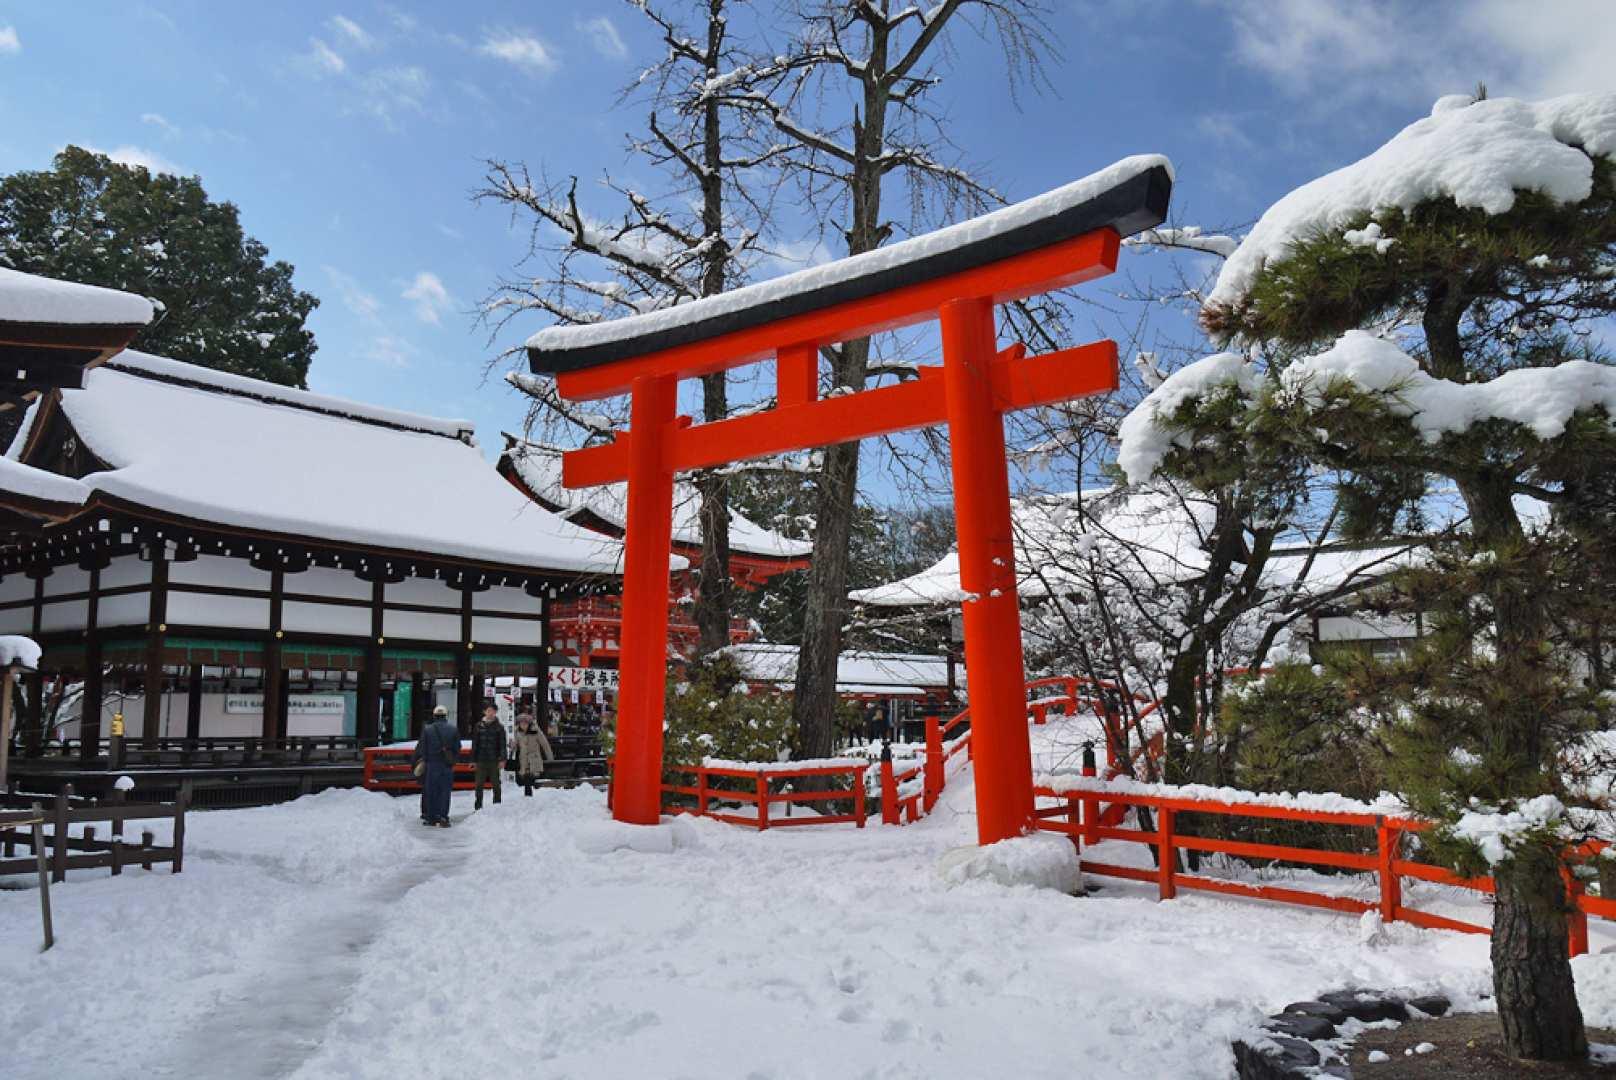 京都の年末詣日帰りツアー 下鴨神社・知恩院・八坂神社 京都発